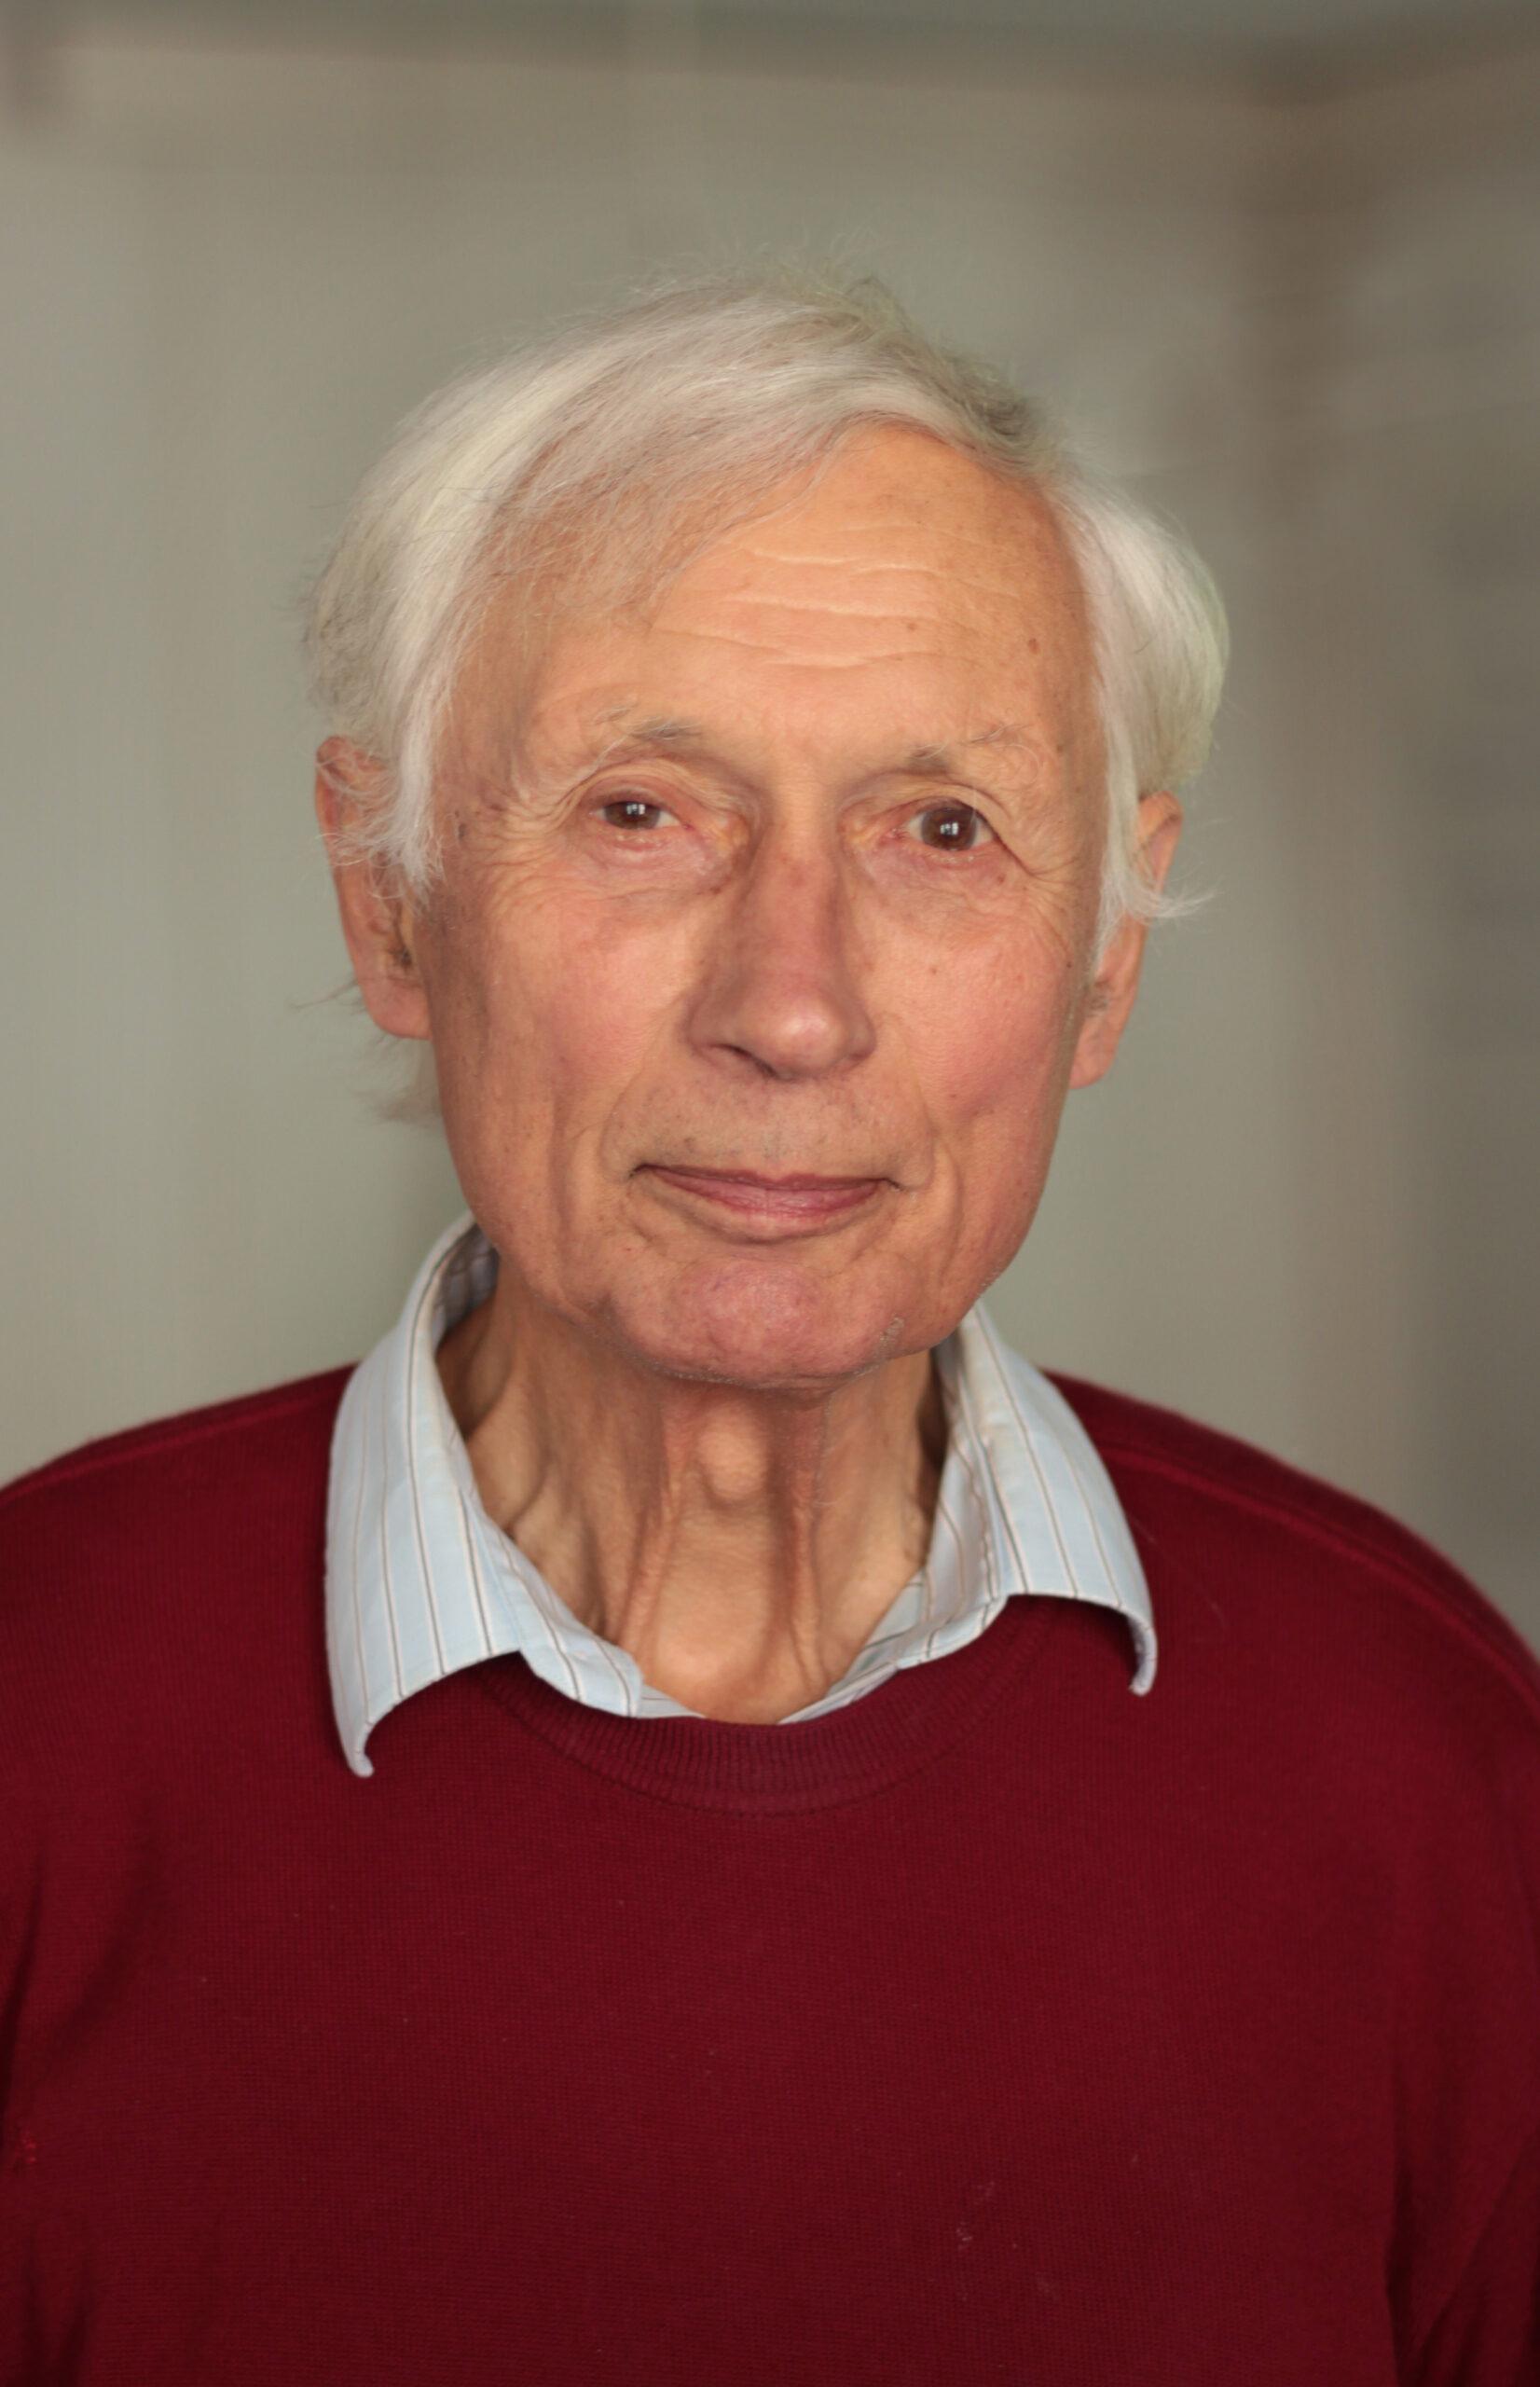 Vorstandsvorsitzender Prof. Dr. Sievert Lorenzen